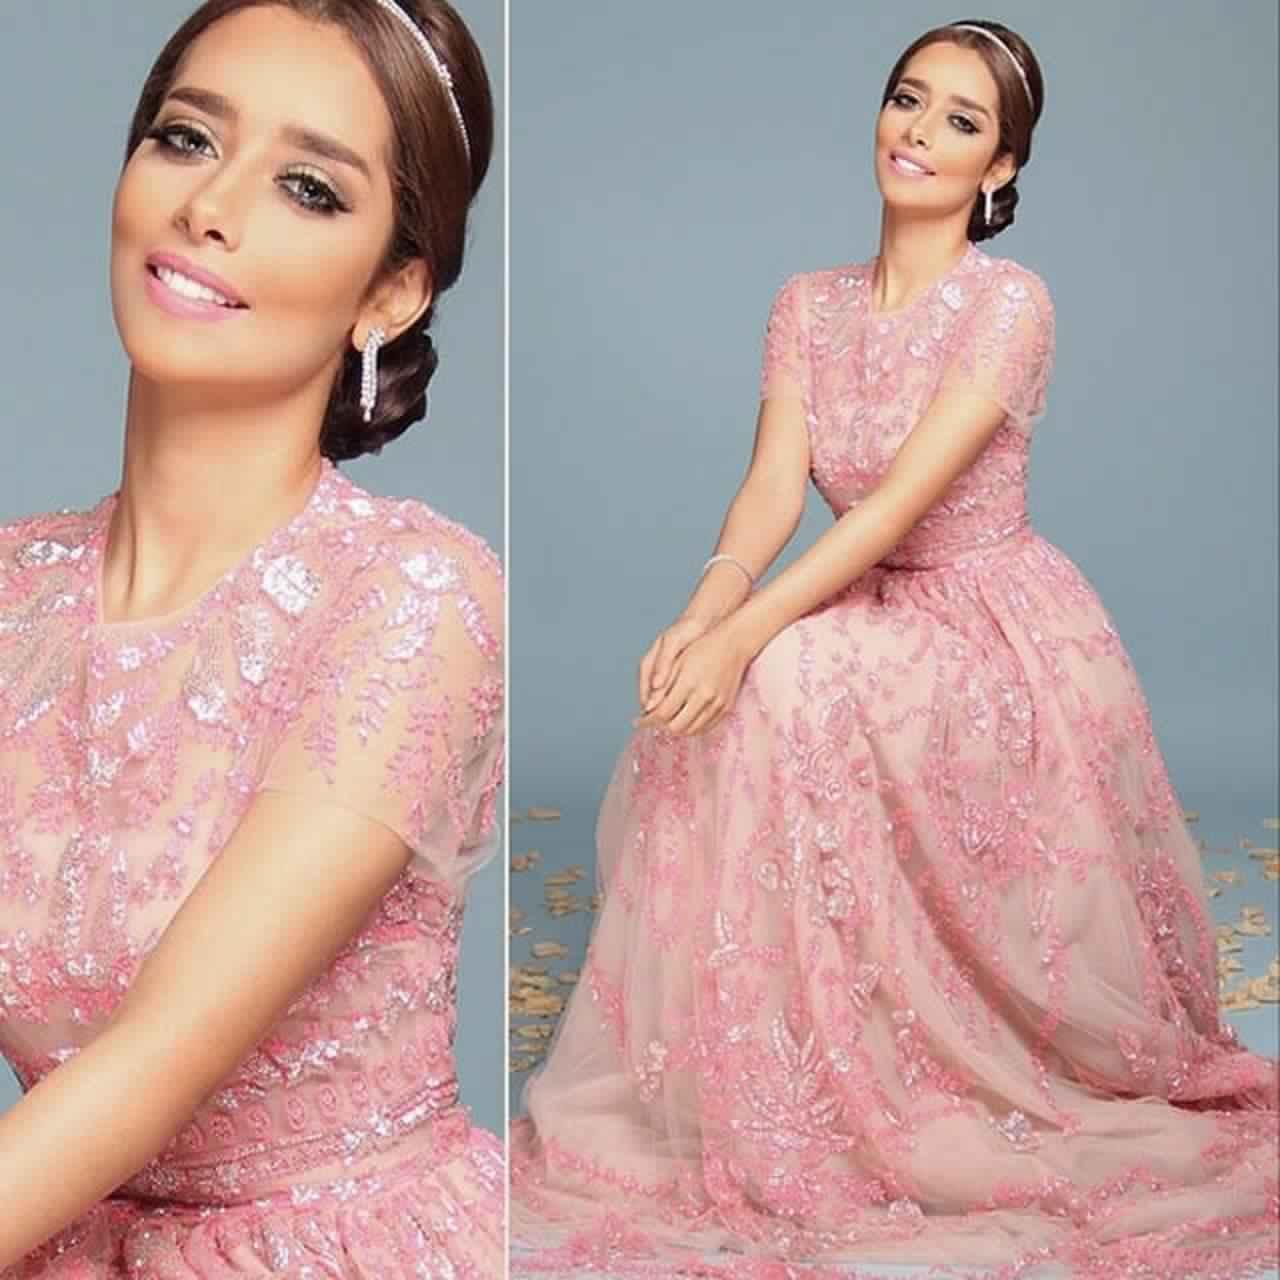 صور أحدث الفساتين التصميمات المميزة لبلقيس فتحى رائعة